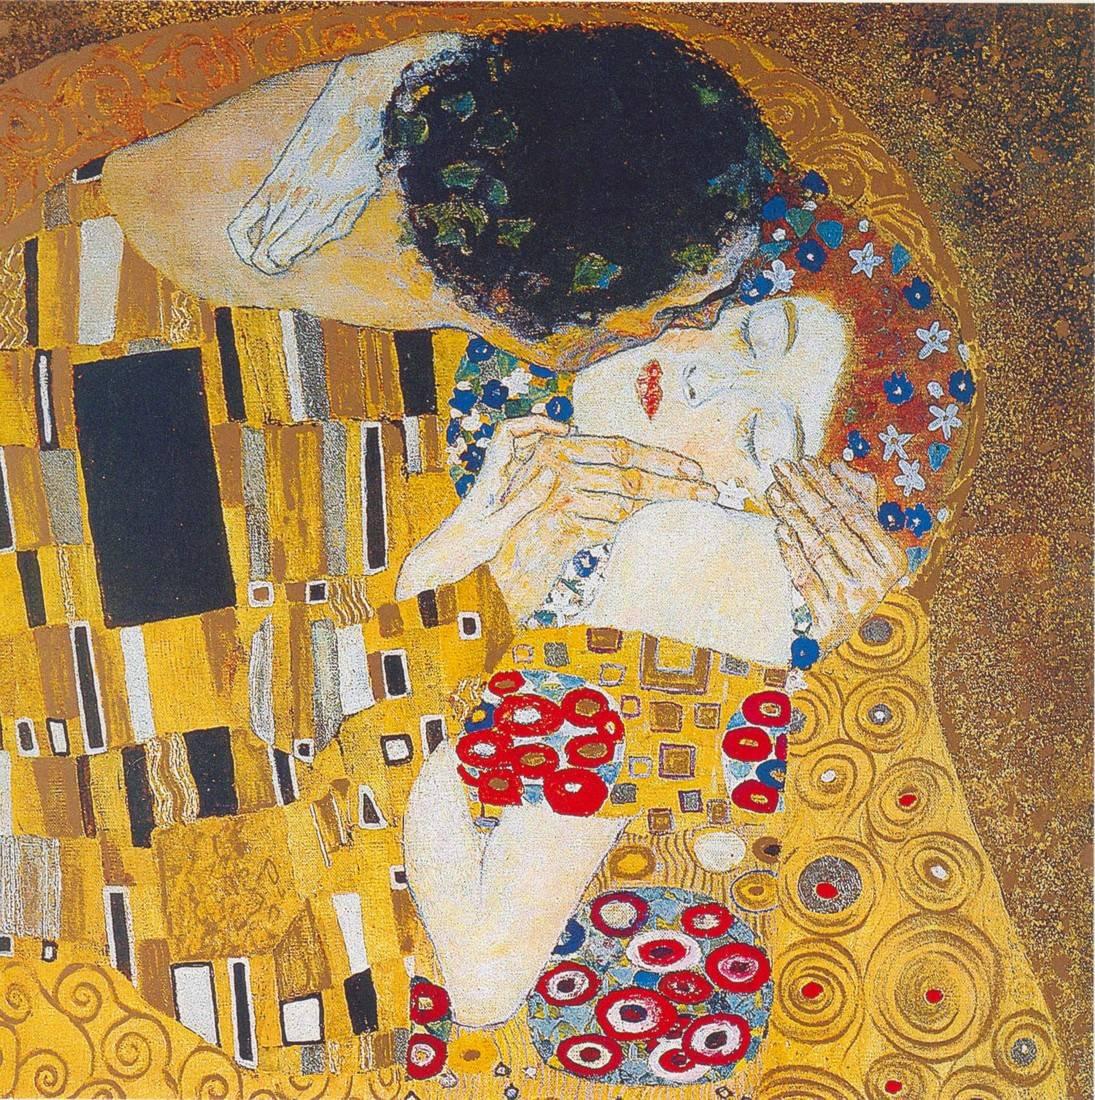 El beso. Klimt